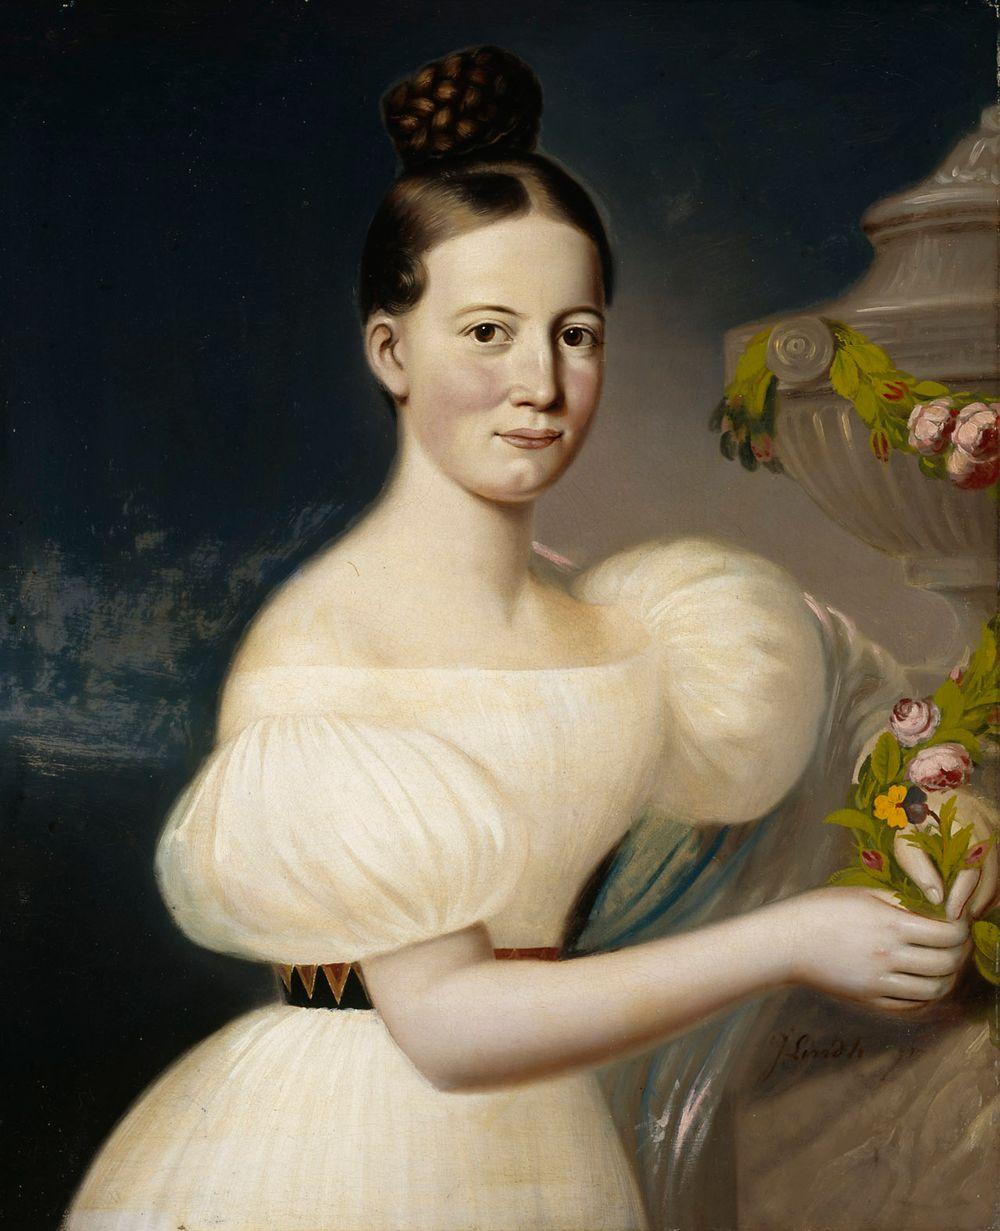 Eva Törngrenin muotokuva